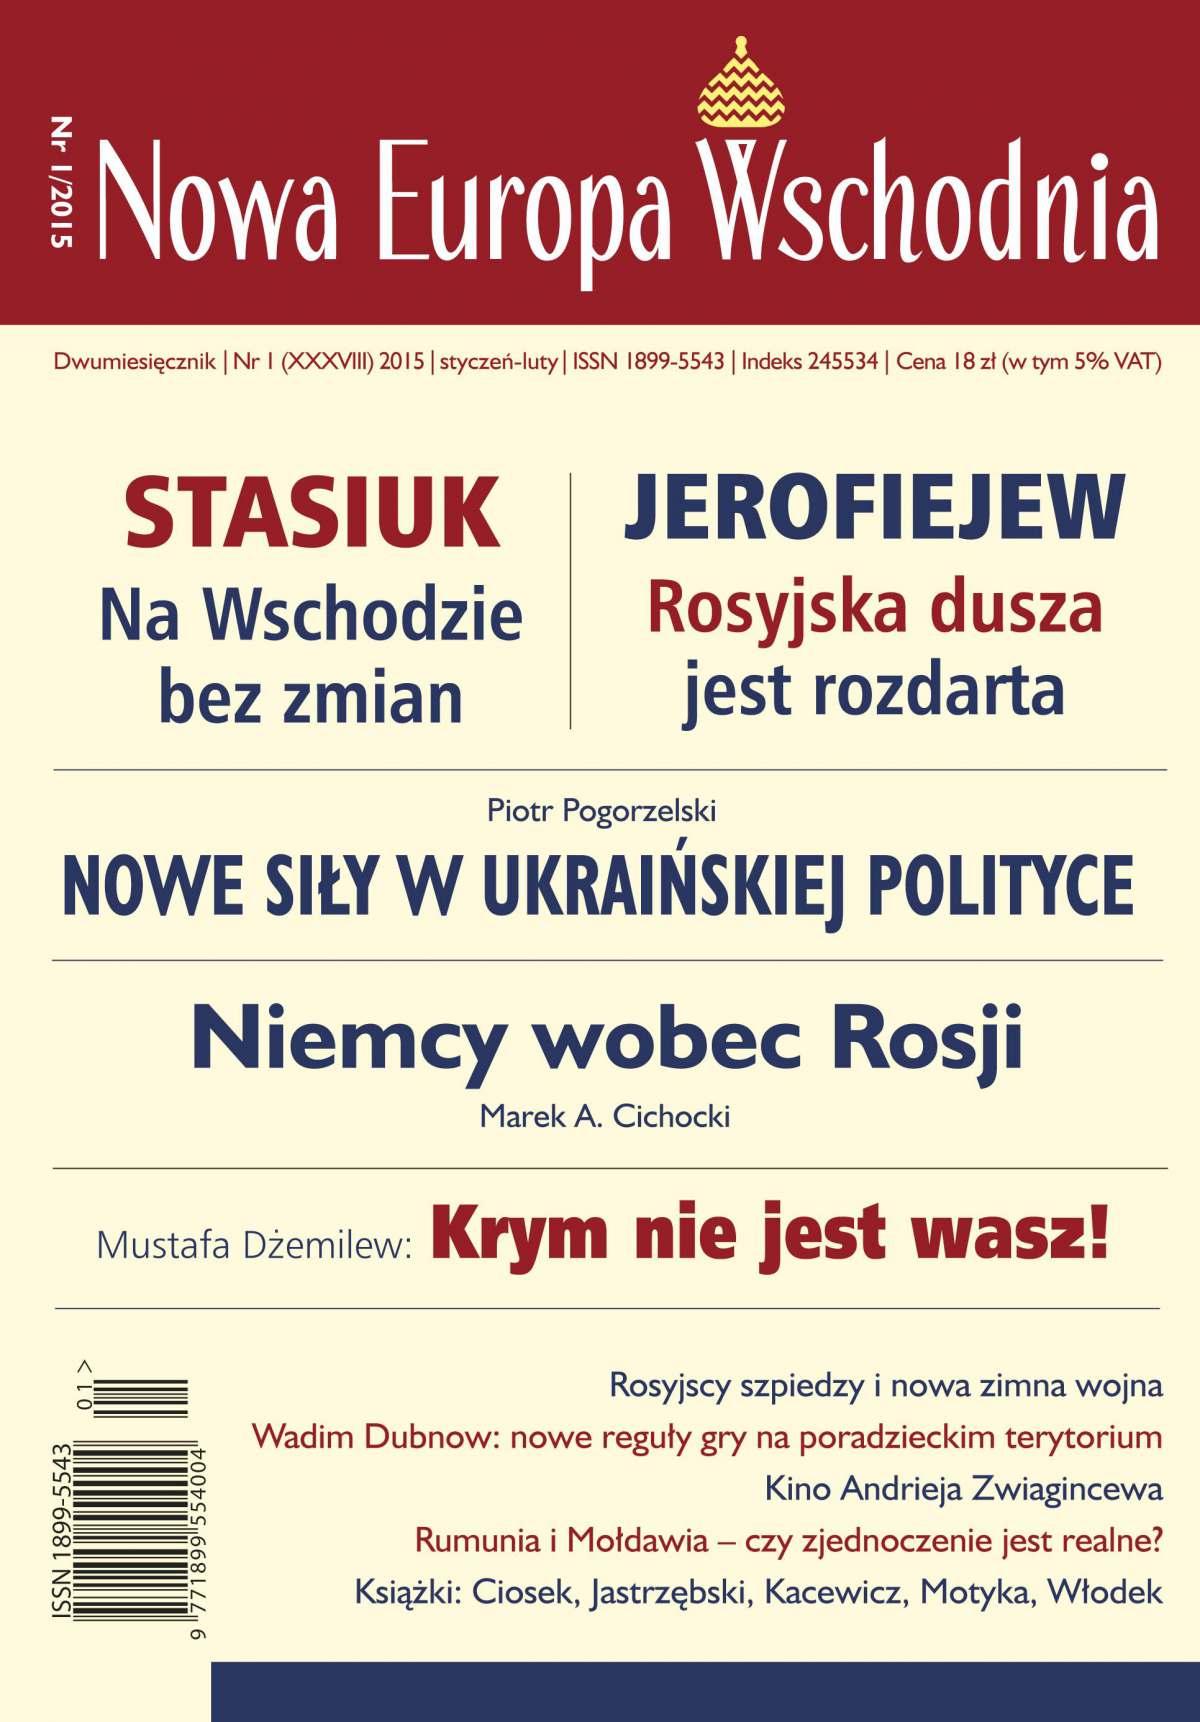 Nowa Europa Wschodnia 1/2015 - Ebook (Książka EPUB) do pobrania w formacie EPUB